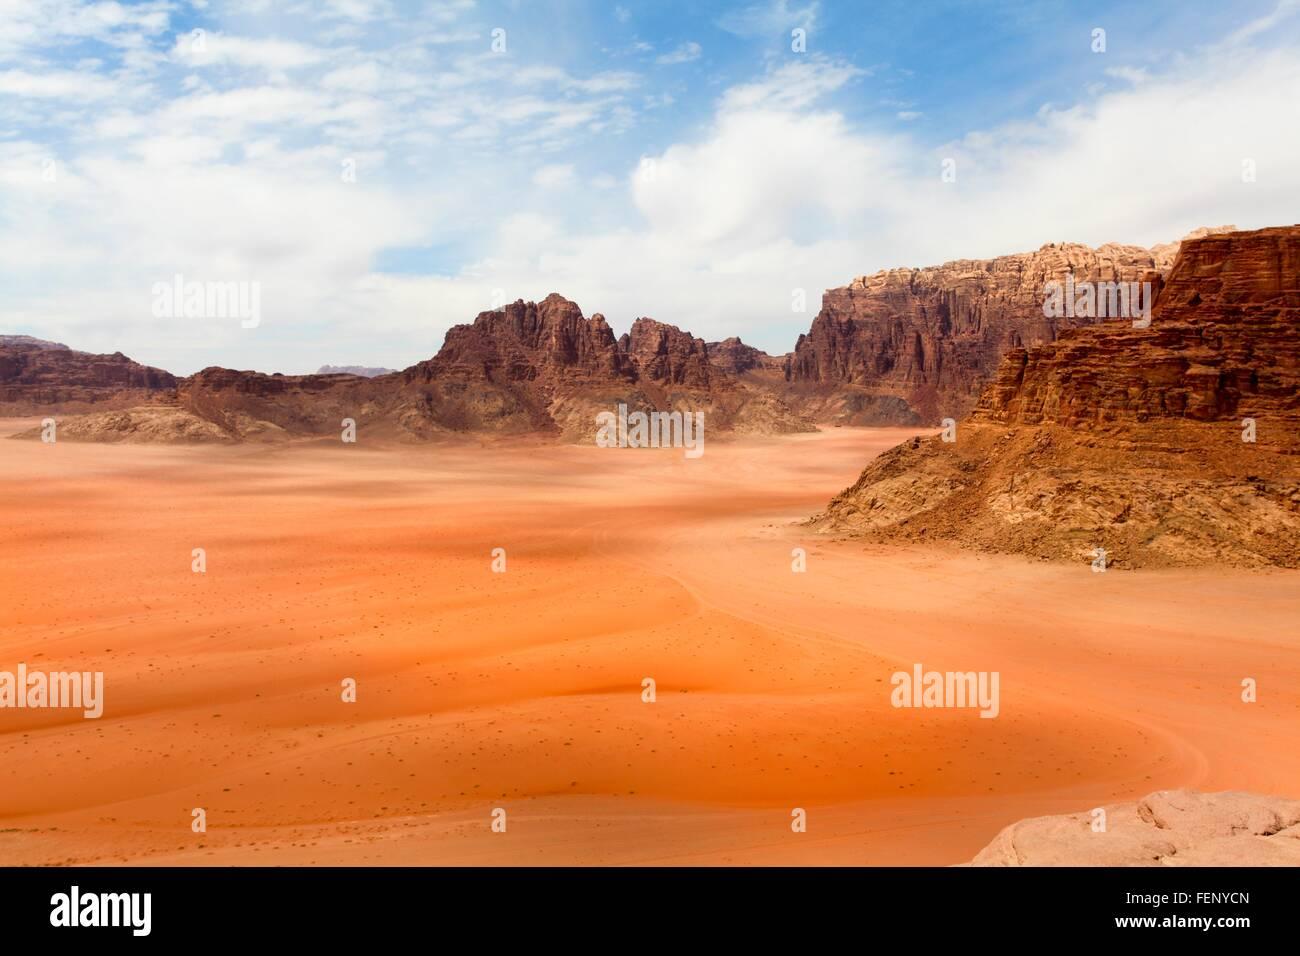 Vista in elevazione di dessert e la gamma della montagna, Wadi Ram, Giordania Immagini Stock